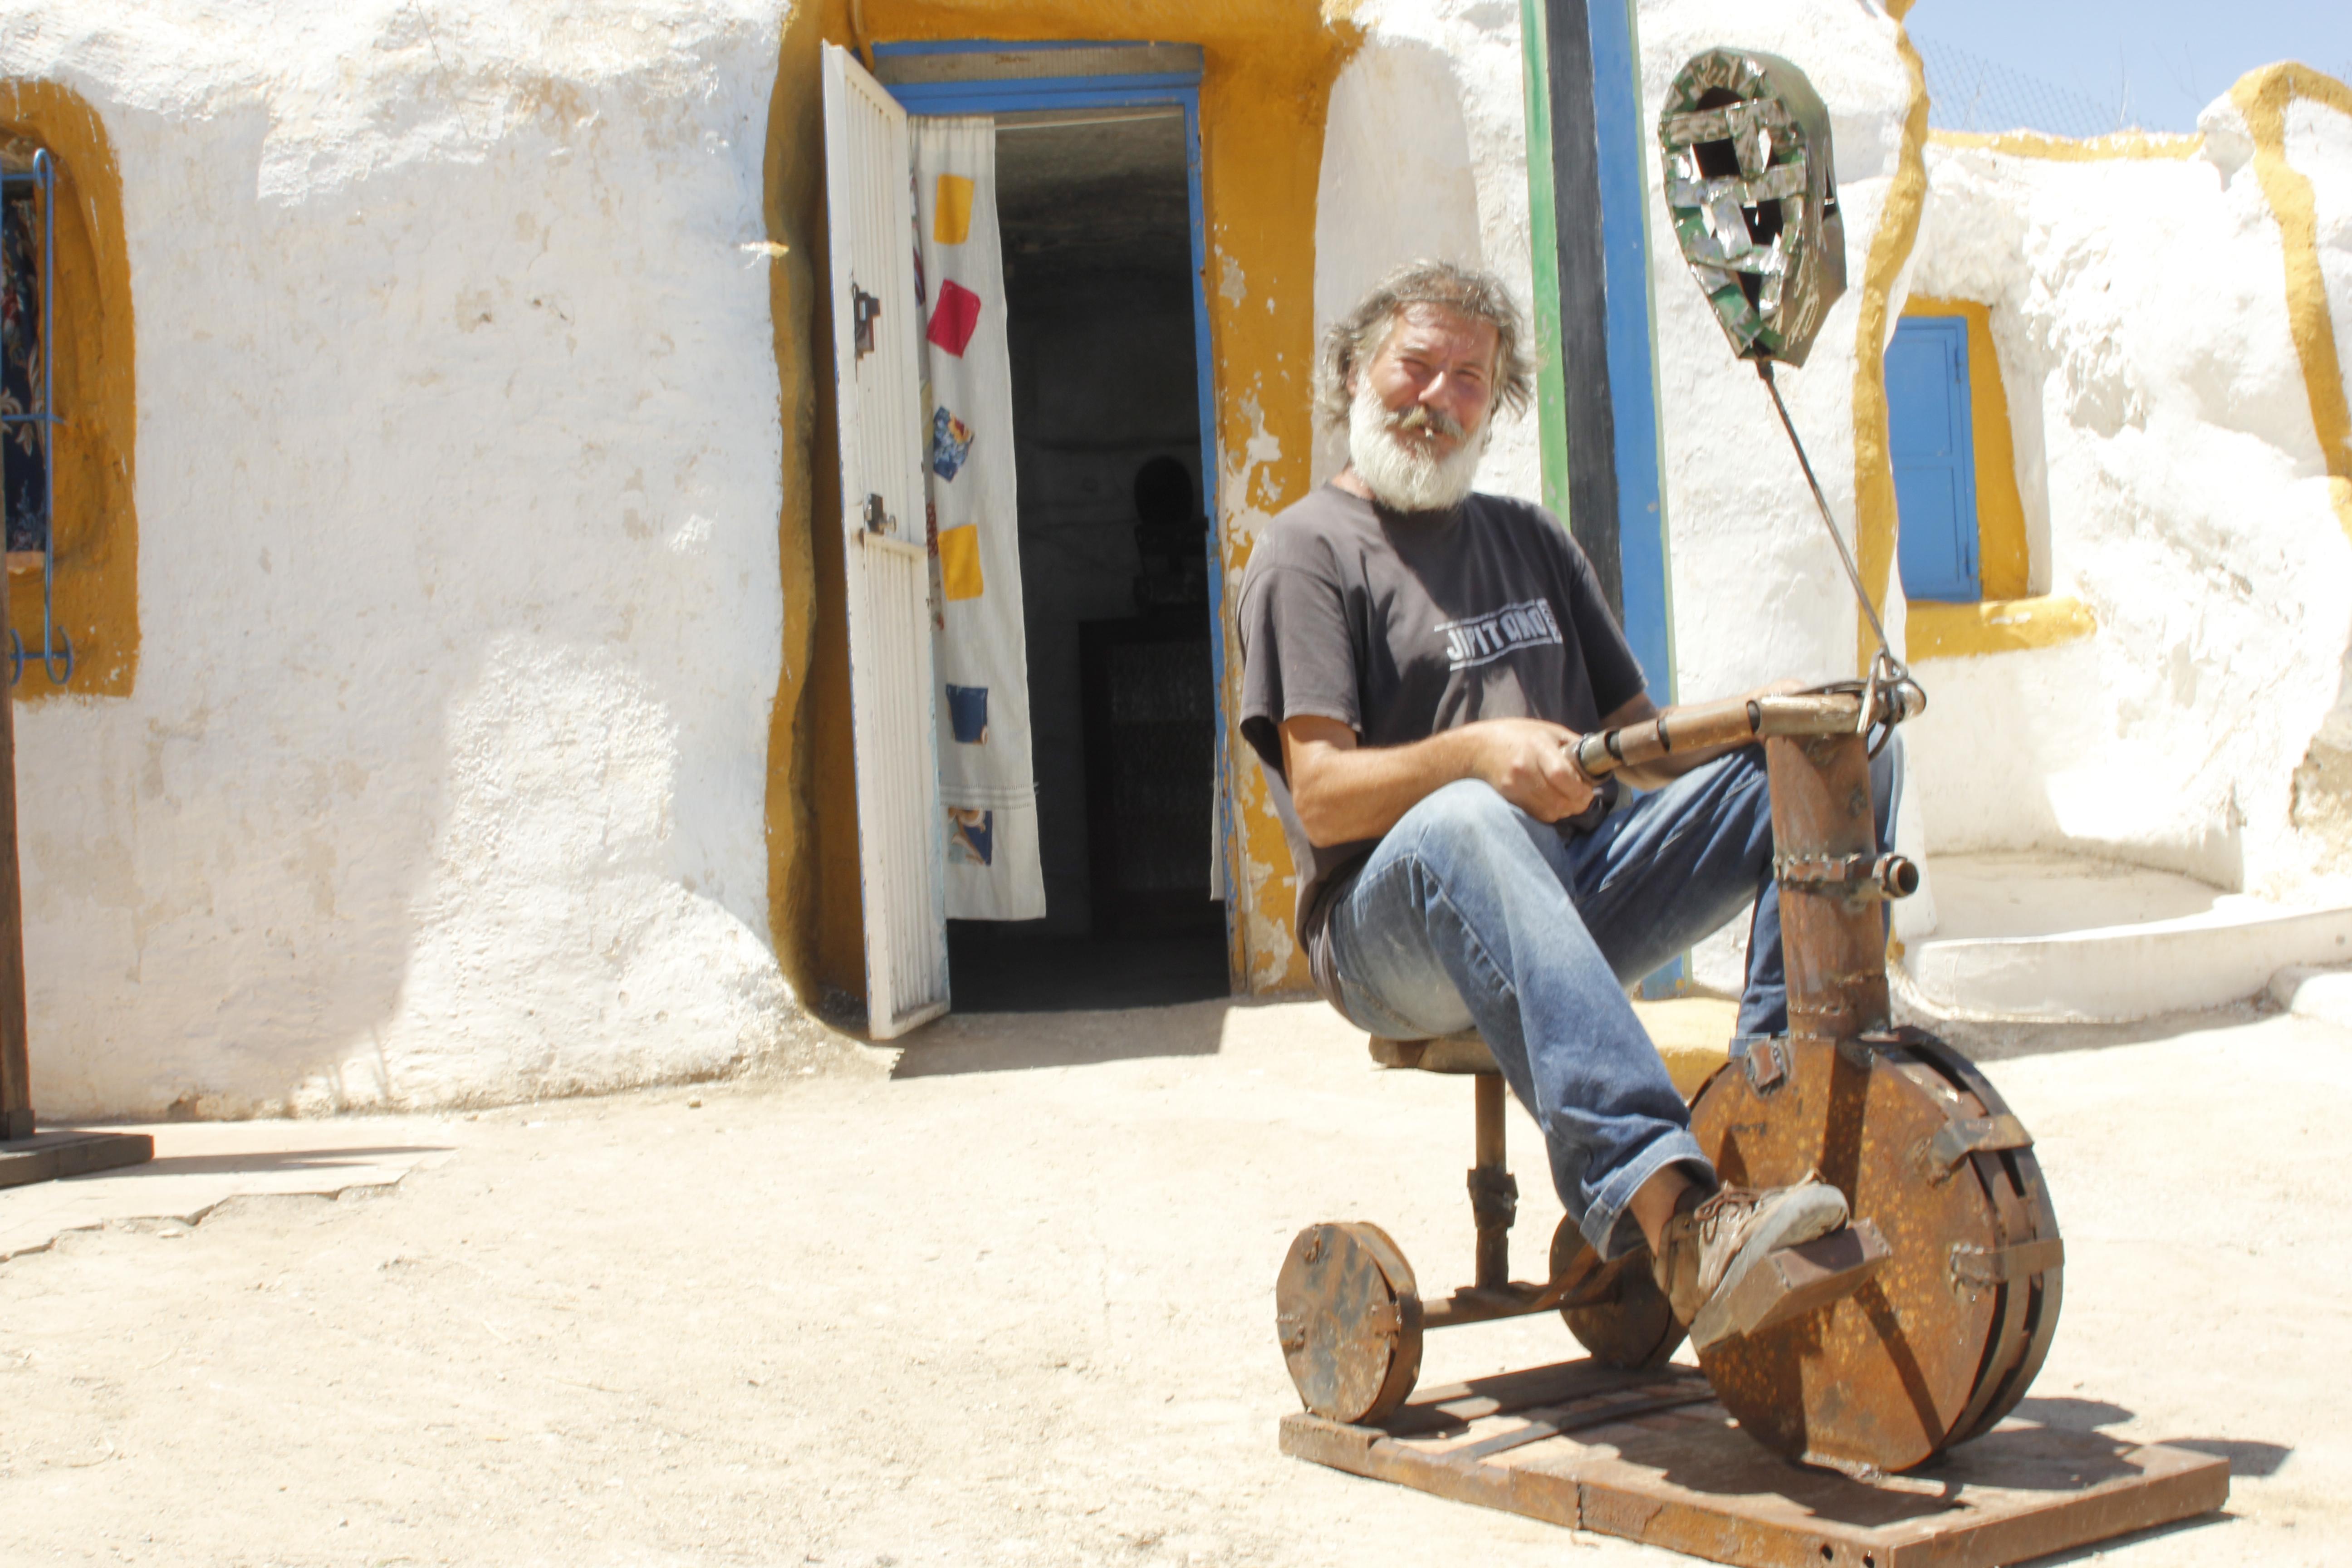 """Carlos montado en su bicicleta, en su camiseta puede leerse """"Jipitano 100 %"""" . Foto: Eloy Amestoy"""